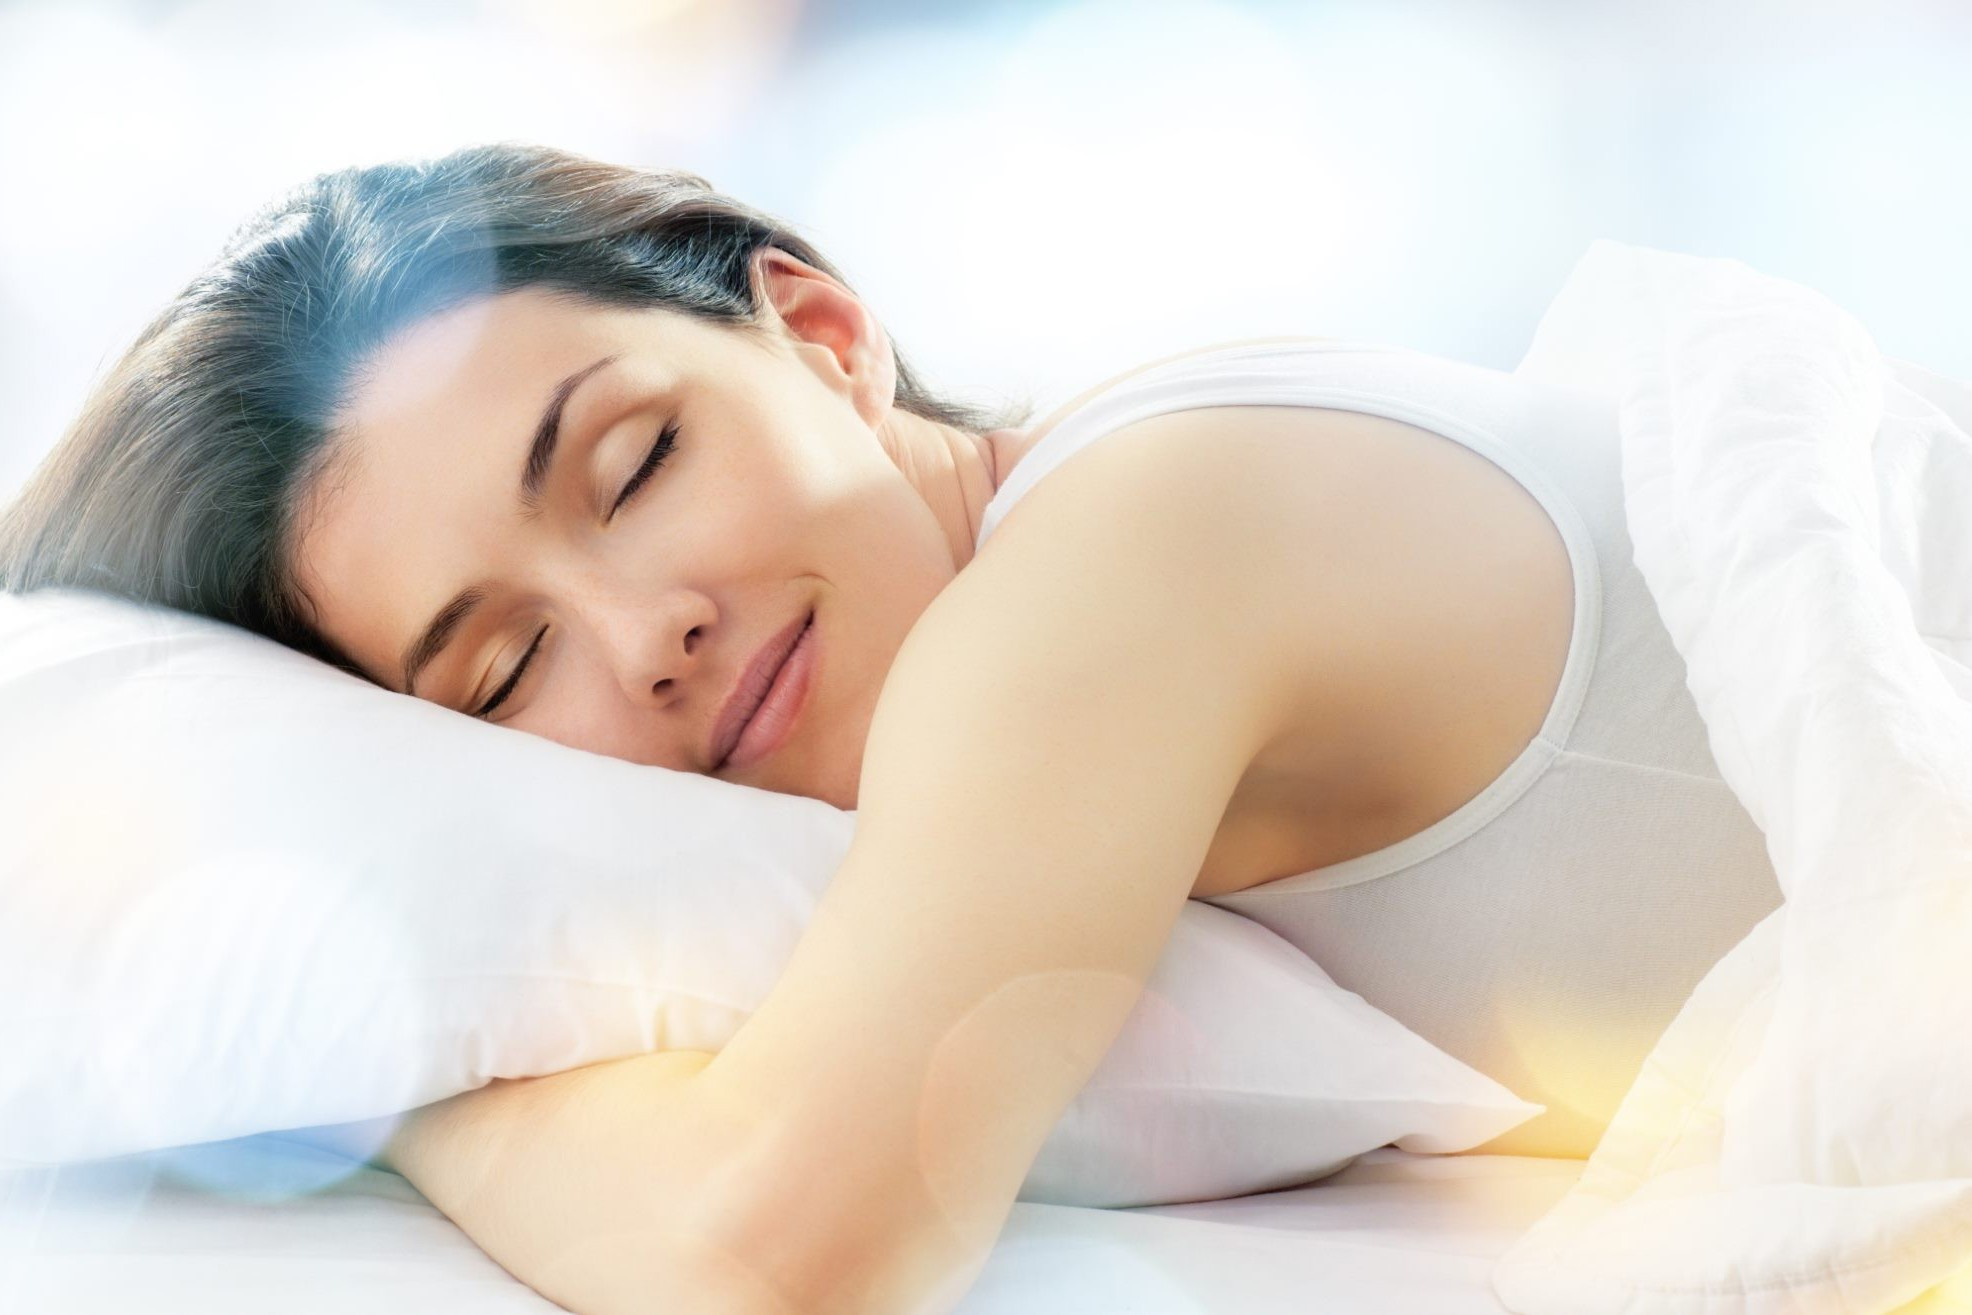 Поза, в которой вы спите, расскажет многое о вас